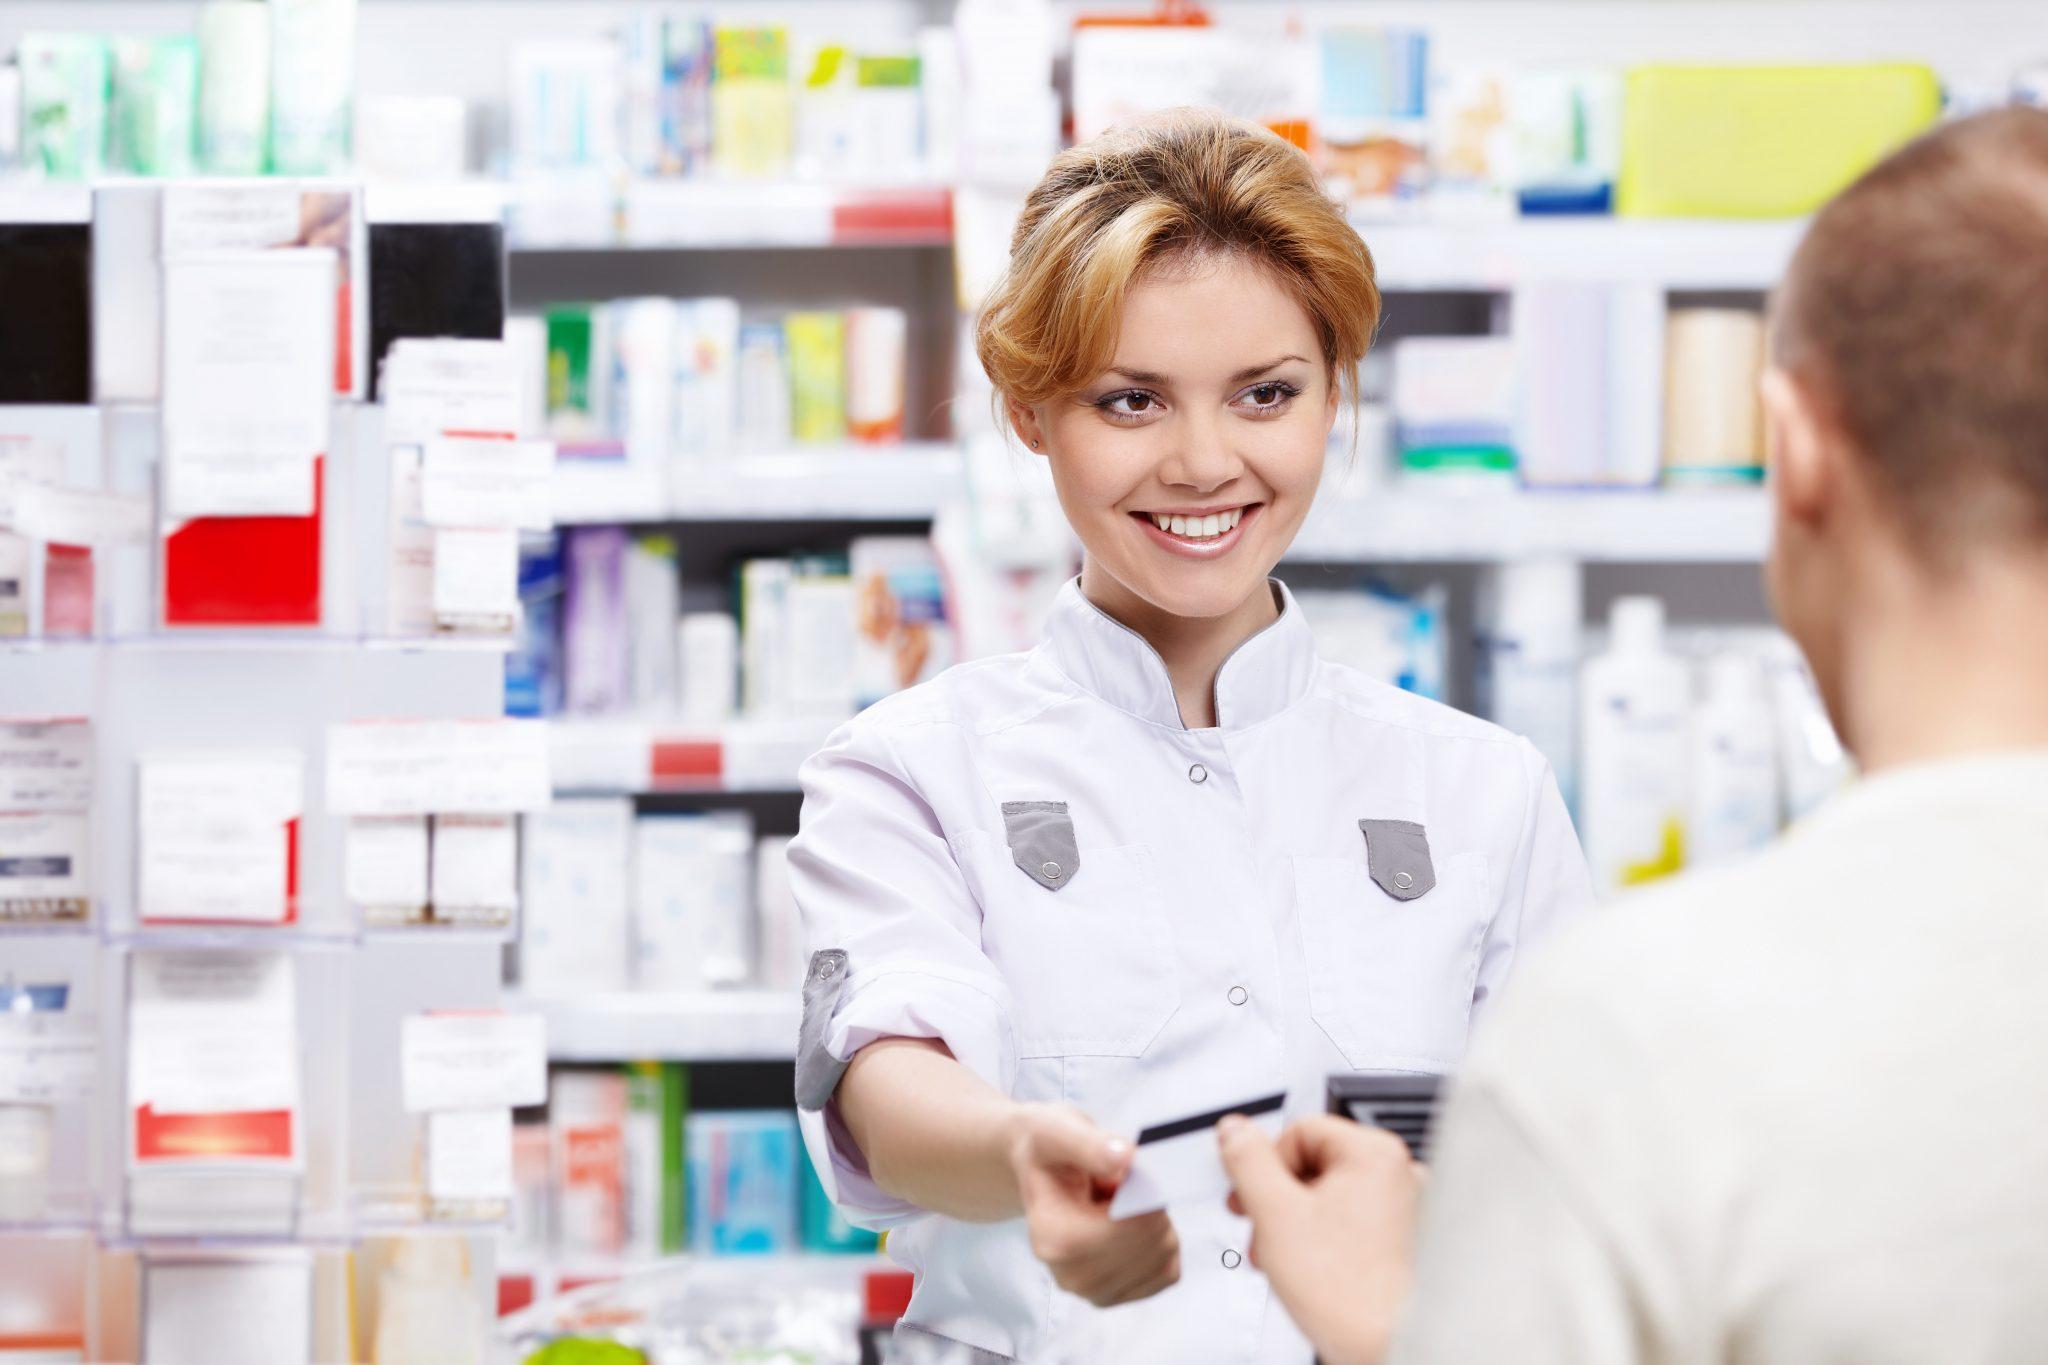 Venda de medicamentos da Abradilan tem crescimento de 8% no primeiro trimestre